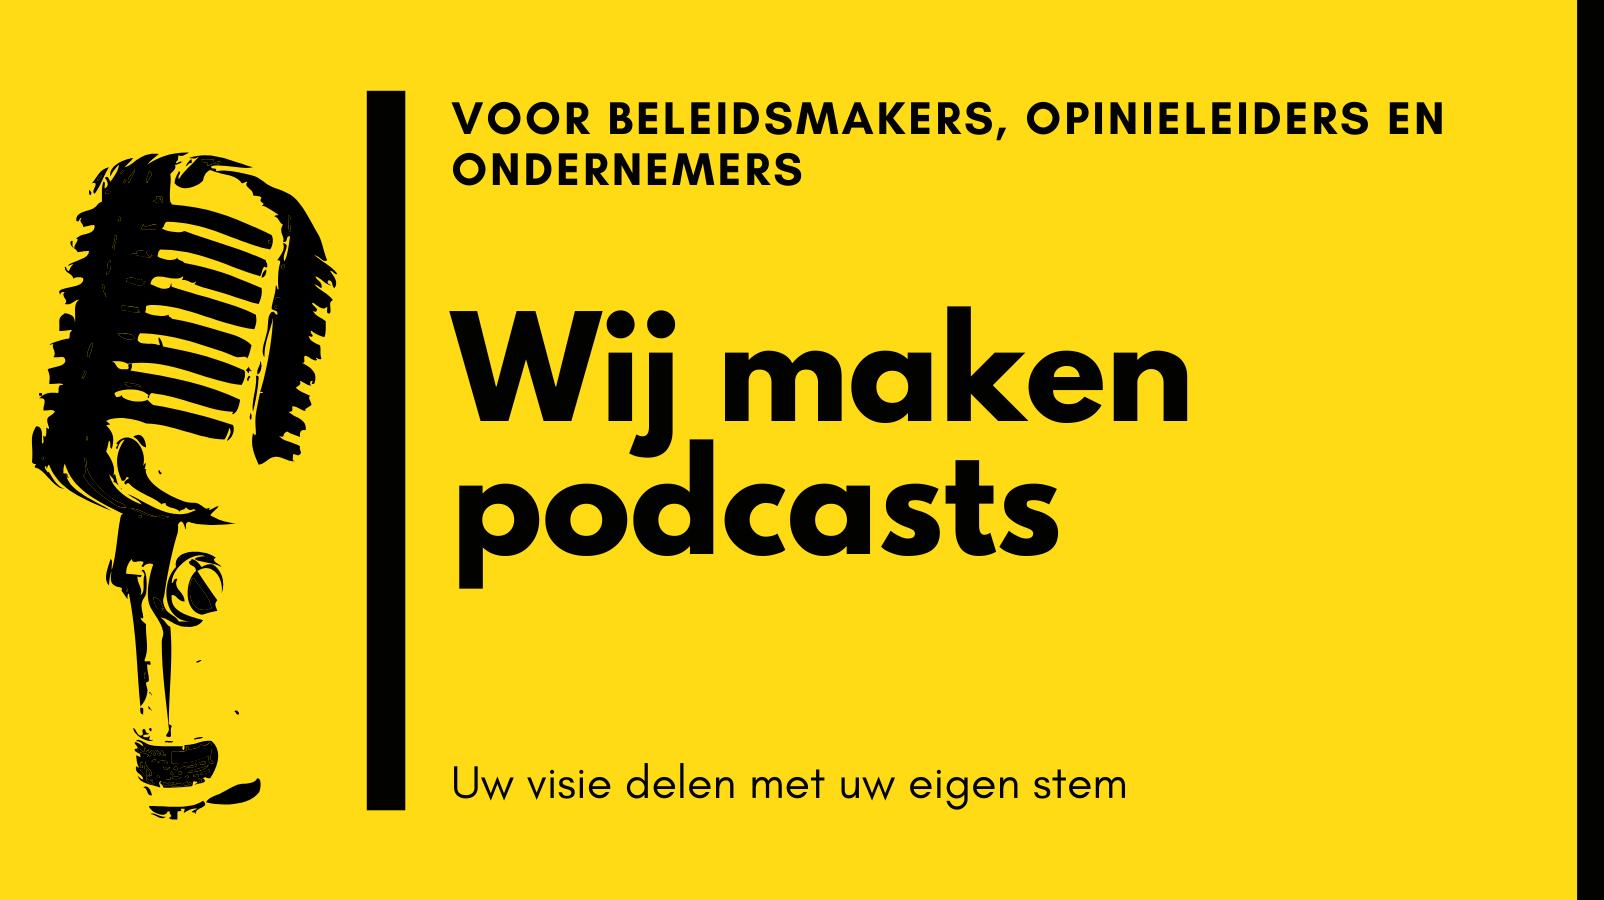 Wij maken podcasts